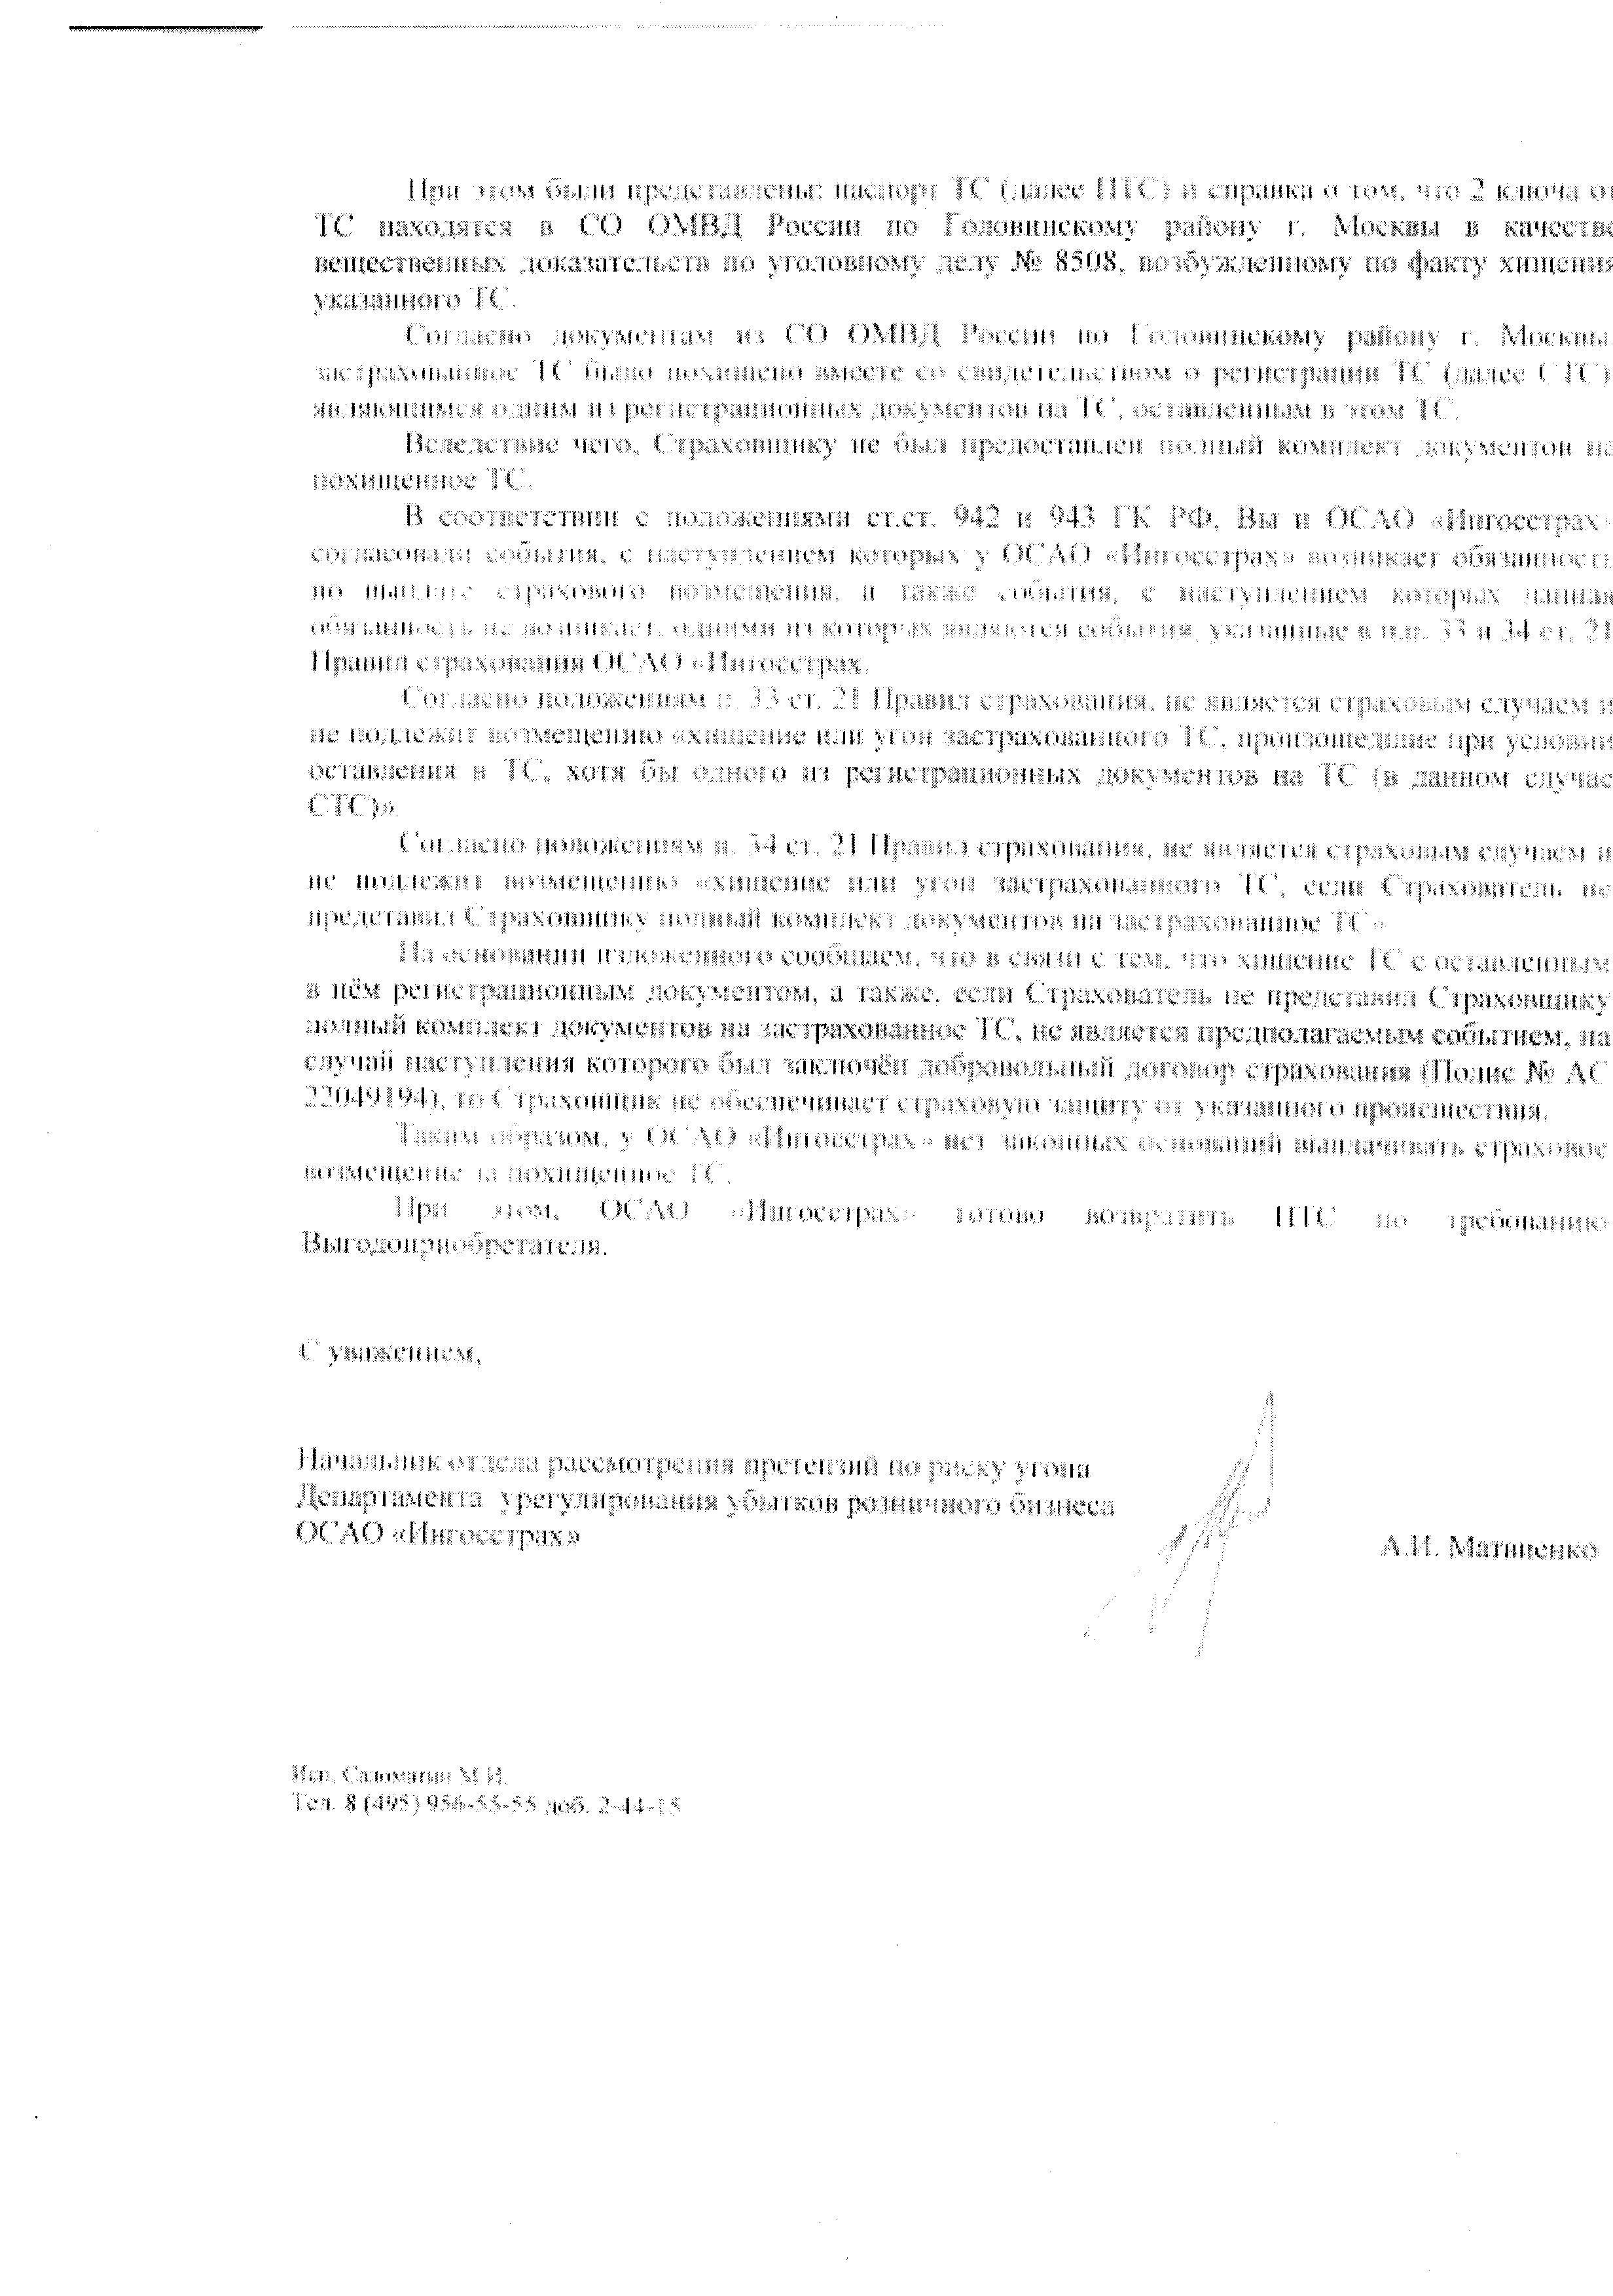 заявление в росгосстрах о выплате по исполнительному листу